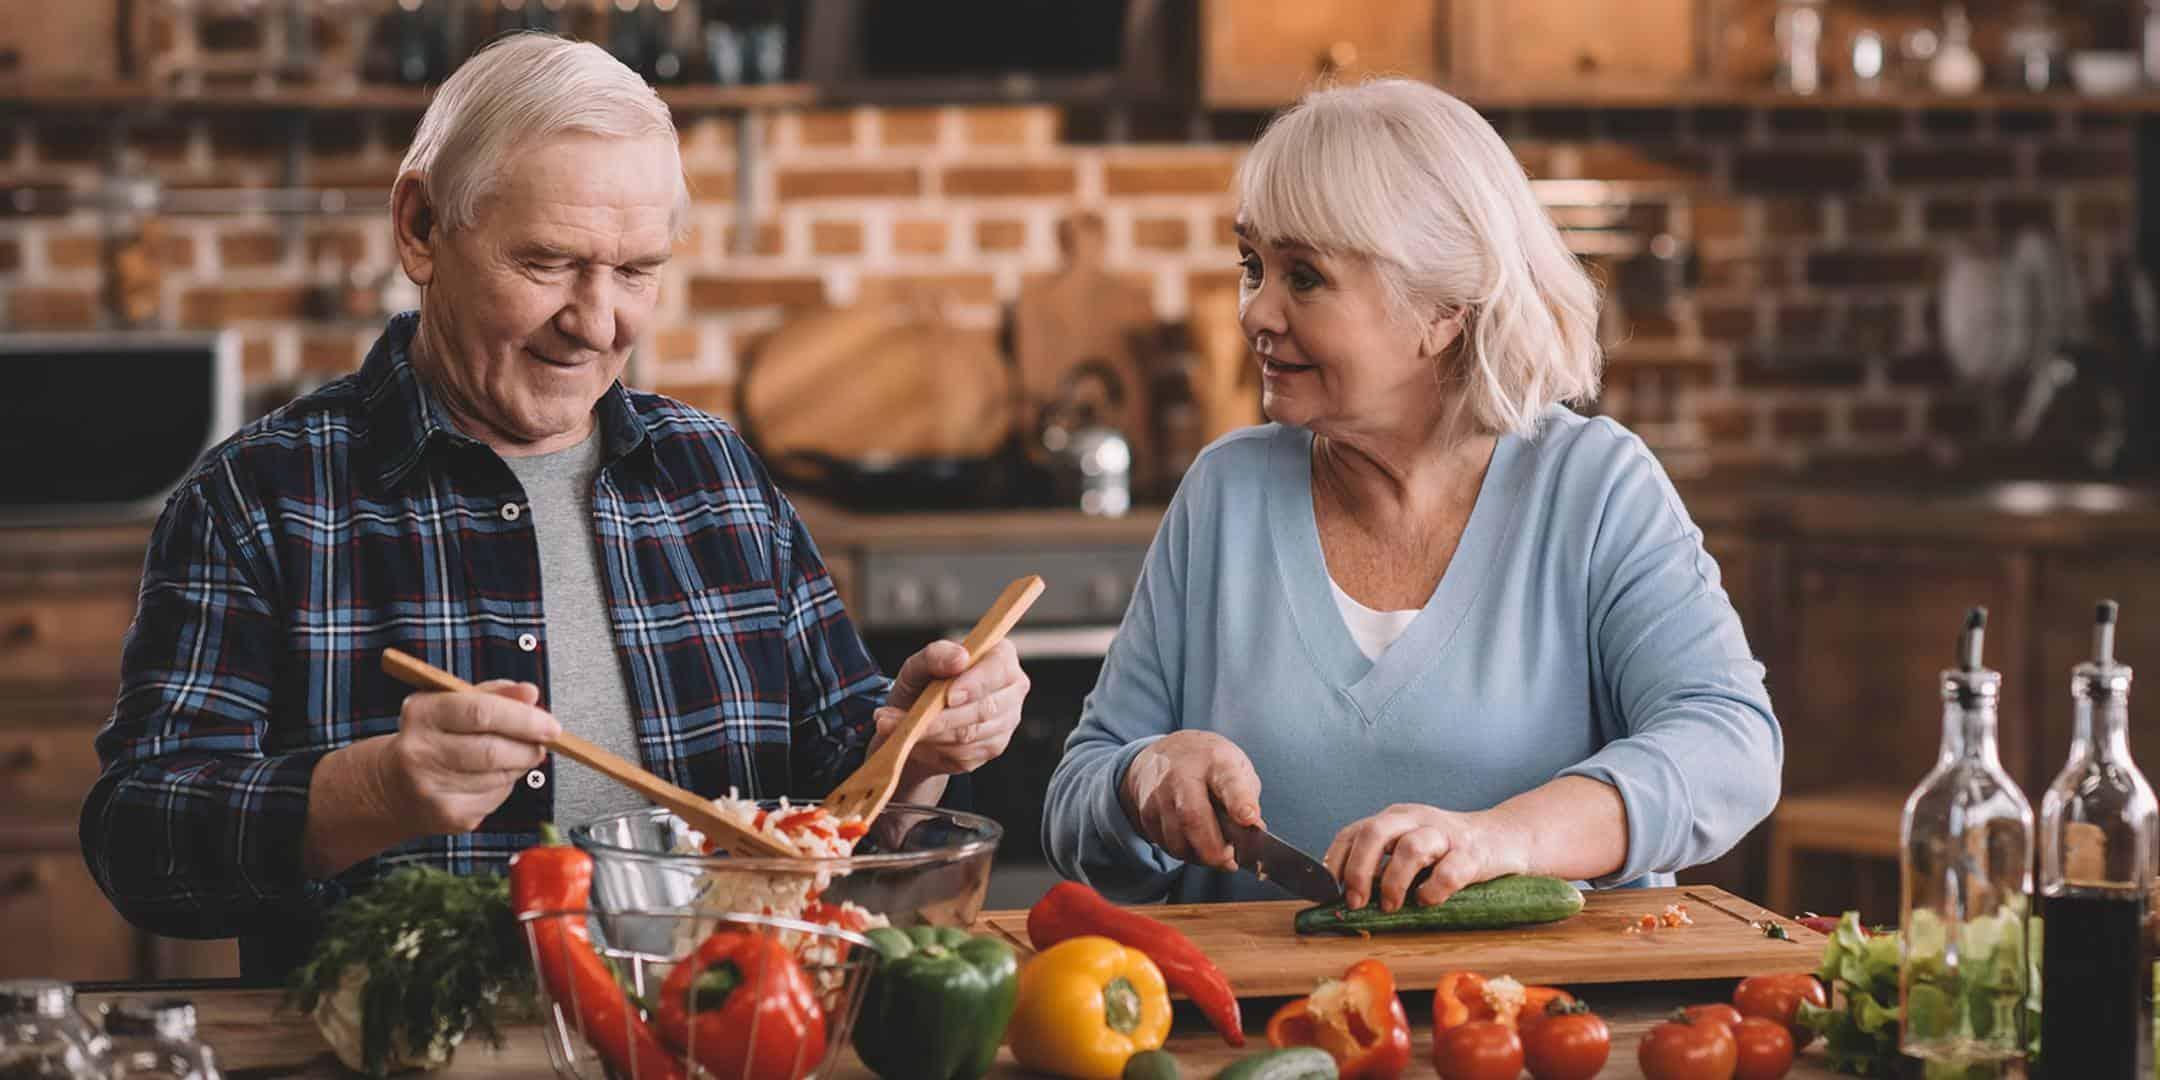 &Eth;&Nbsp;&Eth;&Micro;&Eth;&Middot;у&Eth;&Raquo;ÑÂ'&Eth;&Deg;ÑÂ' с&Eth;&Raquo;&Eth;&Cedil;&Eth;&Ordm;&Eth;&Deg; &Eth;&Middot;&Eth;&Deg; Diet For Seniors